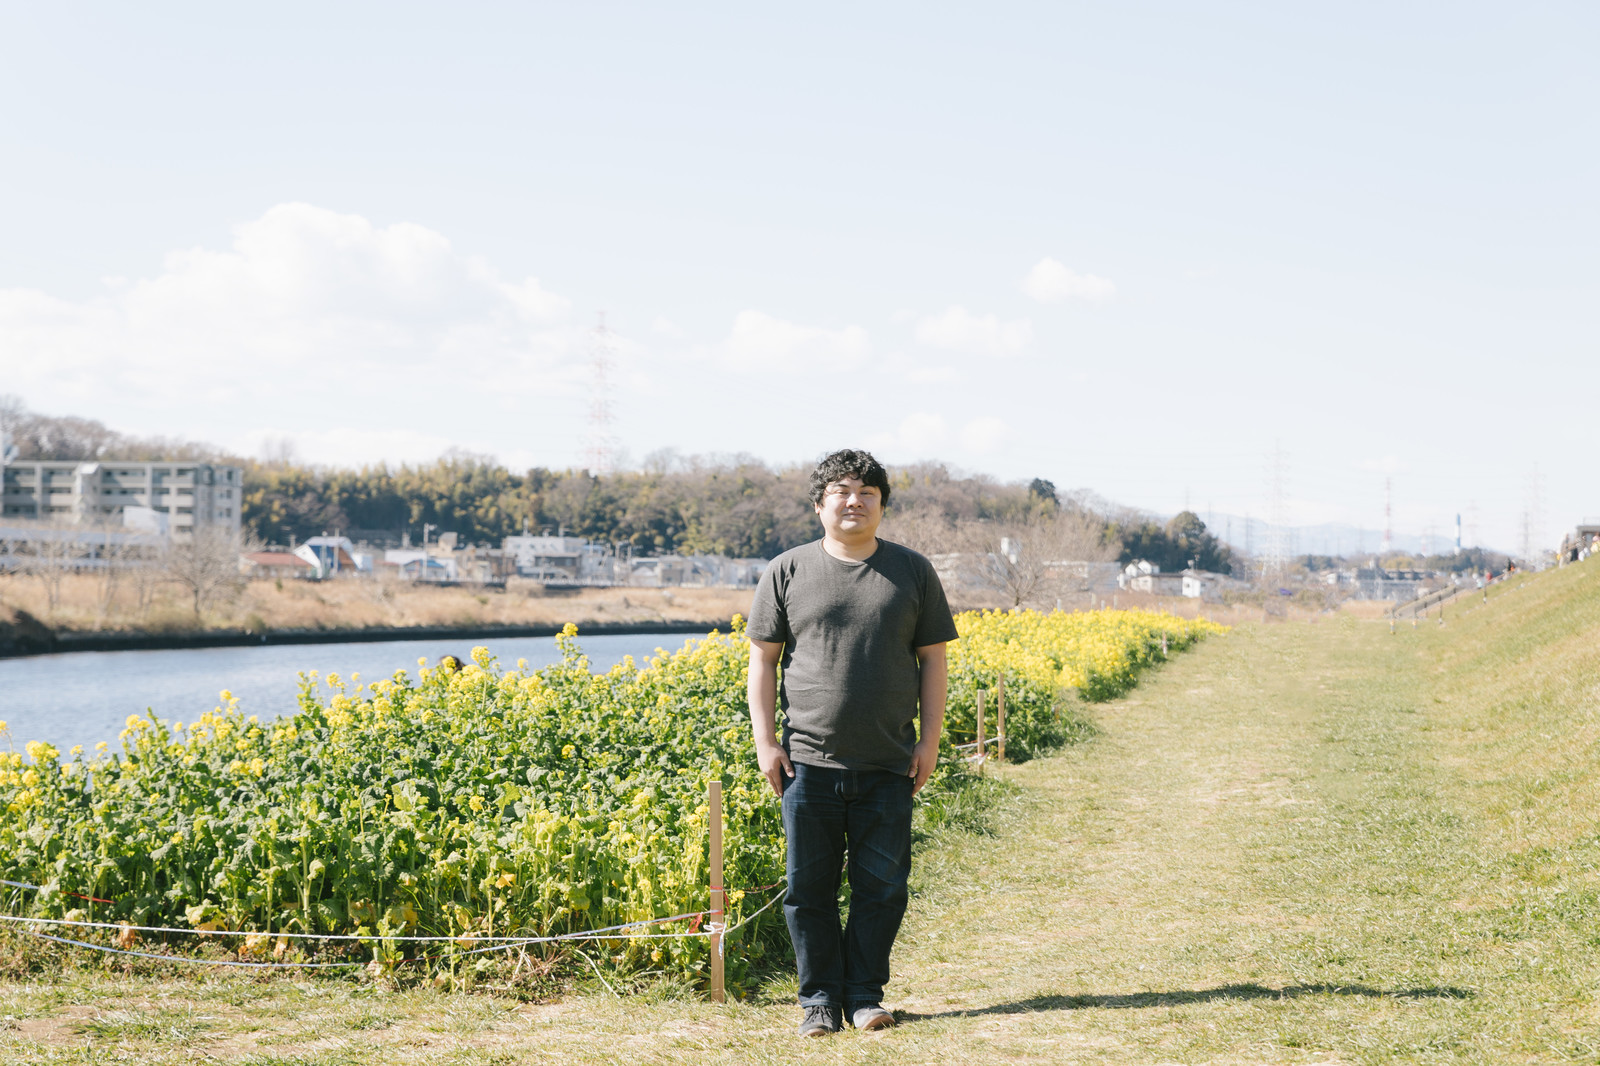 「コテハンに憧れてお花畑の前で立ってみました。」の写真[モデル:段田隼人]